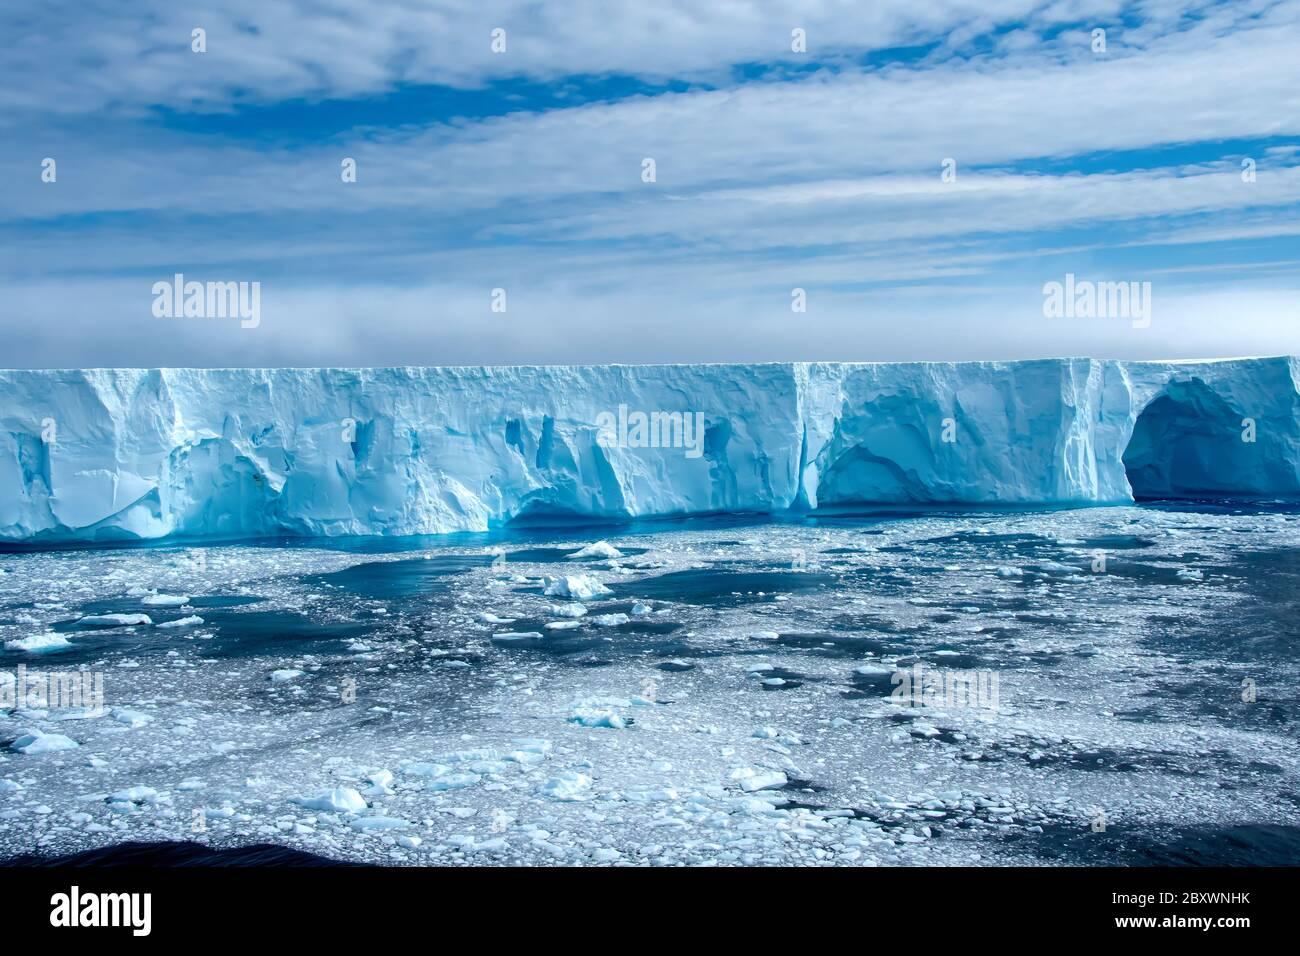 Großer Eisberg in der Admiralty Bay Antarctica. Stockfoto